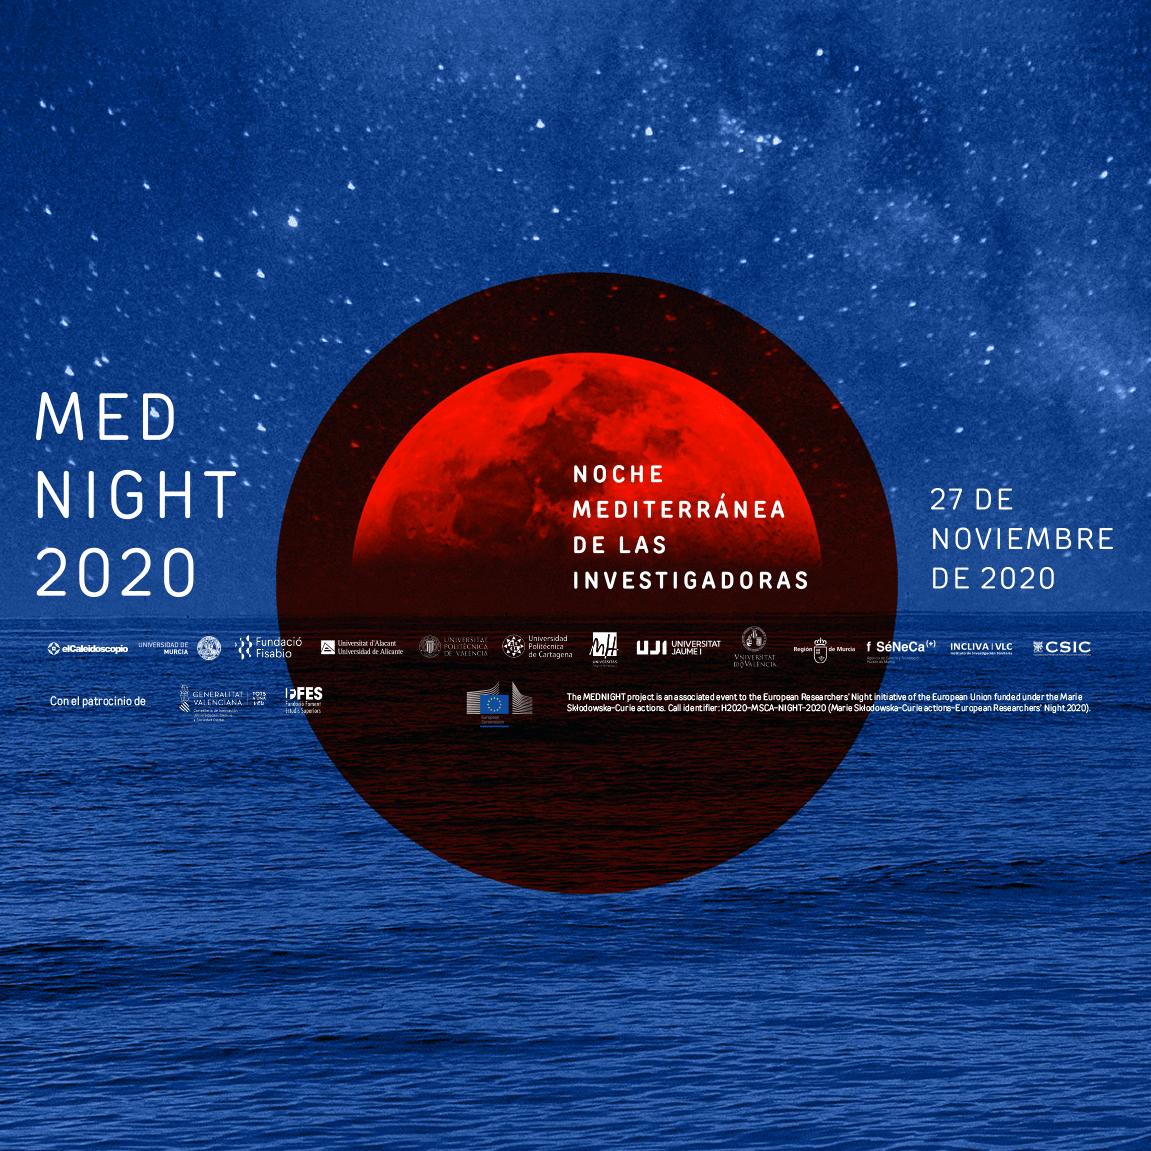 La Noche Mediterránea de las Investigadoras